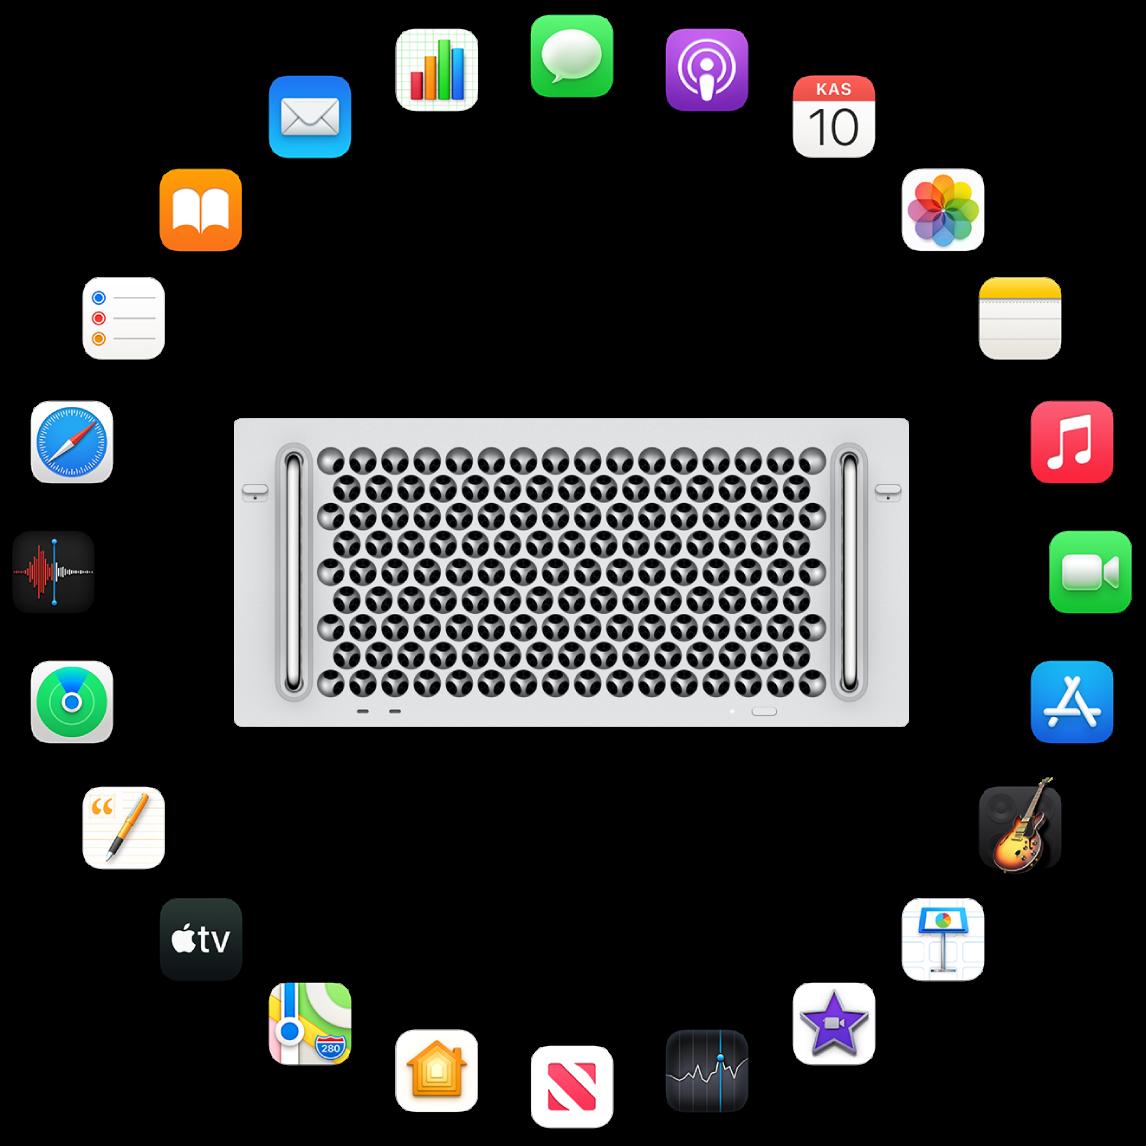 Aşağıdaki bölümlerde açıklanan yerleşik uygulamaların simgeleriyle çevrili bir Mac Pro.